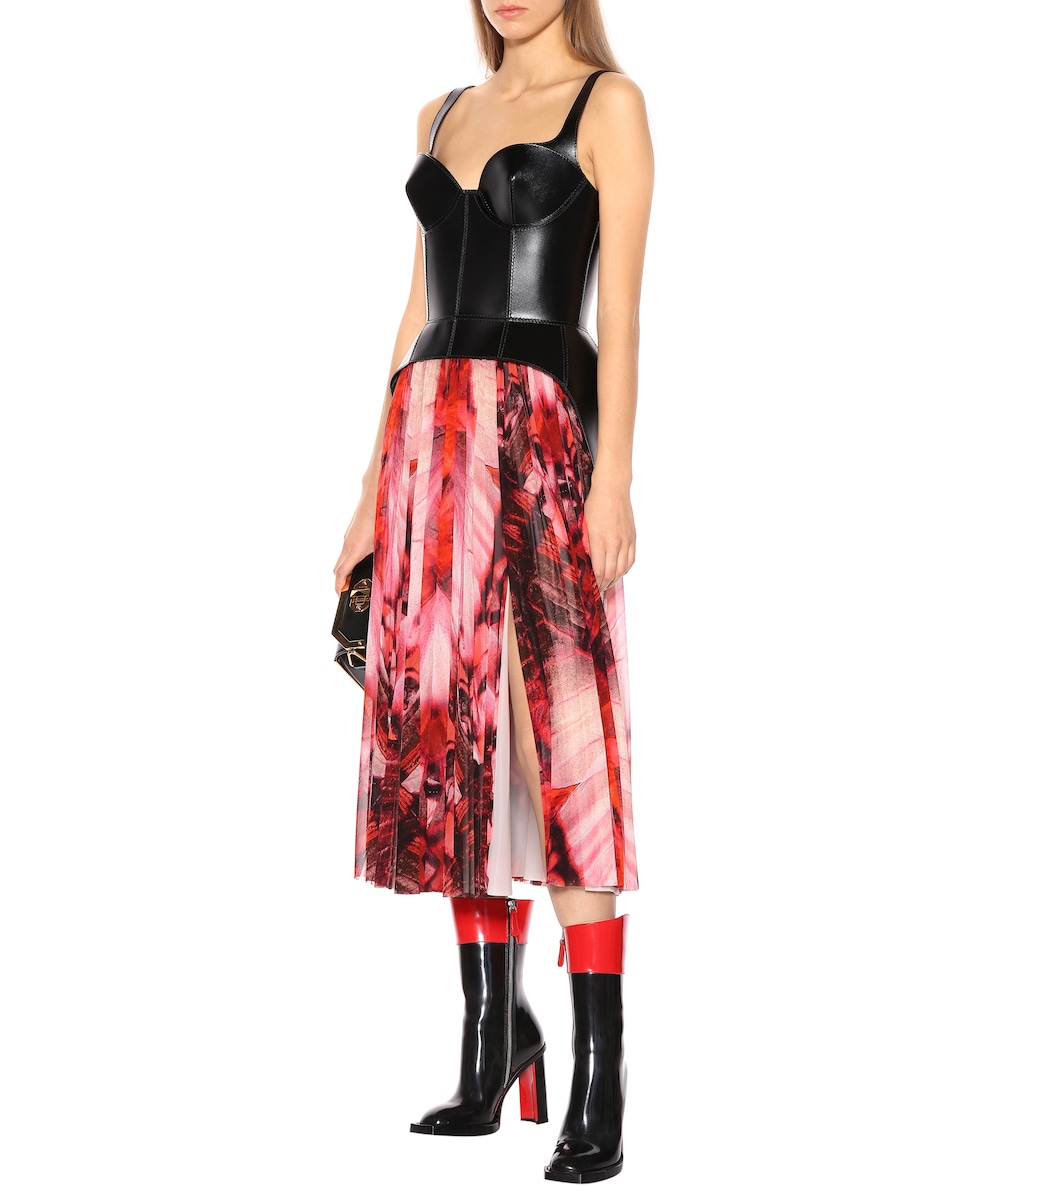 e2822328b7d5 Butterfly-Printed Crêpe Skirt - Alexander McQueen | mytheresa.com